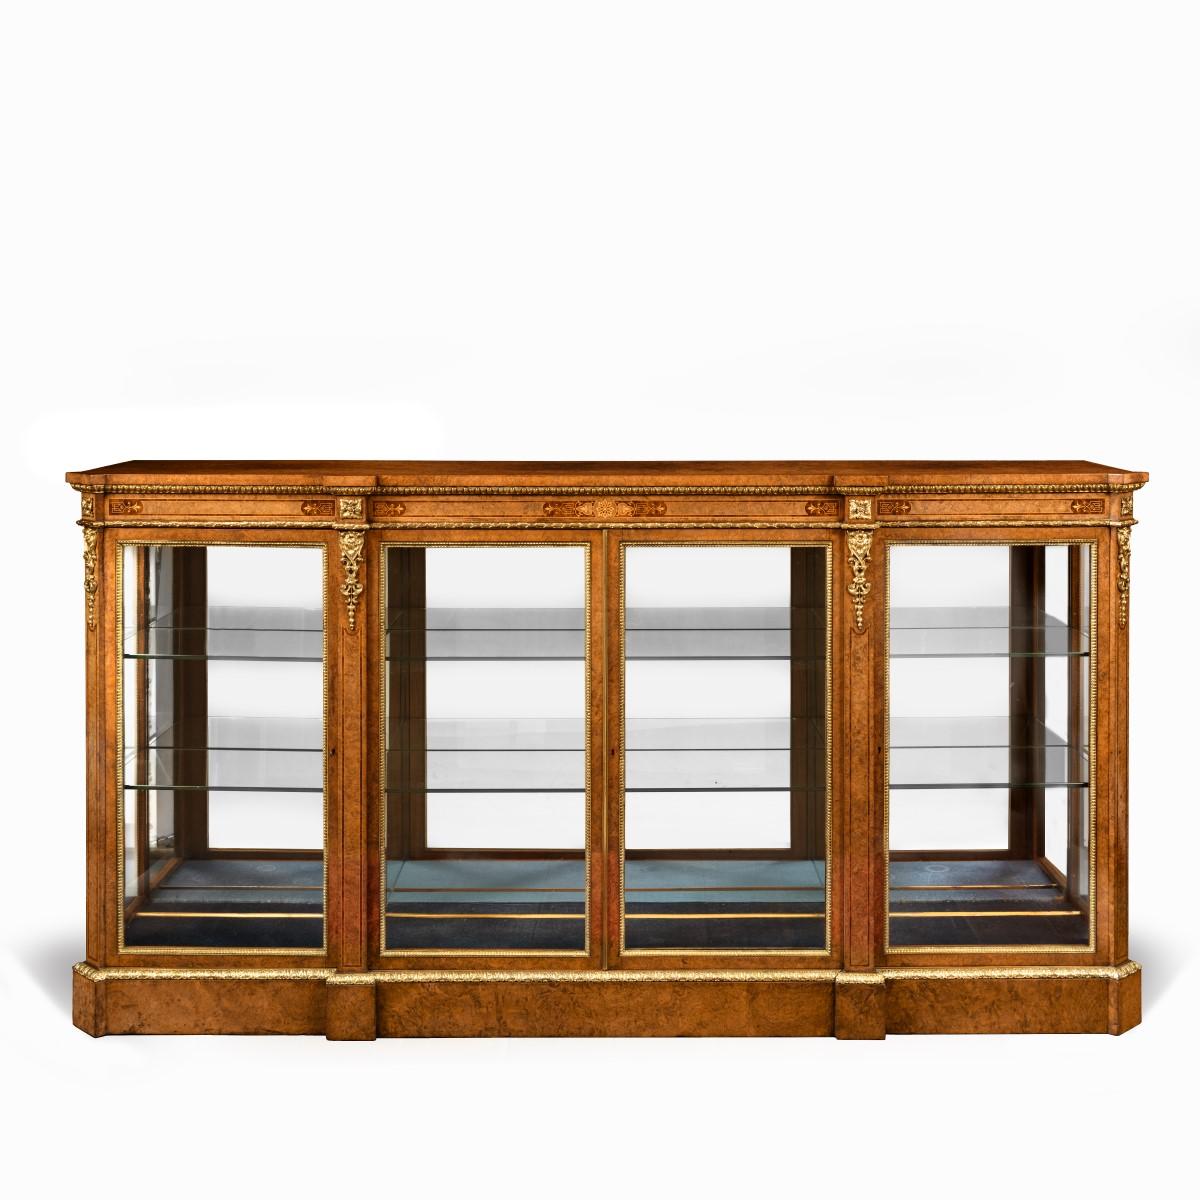 Mid Victorian burr walnut display cabinet